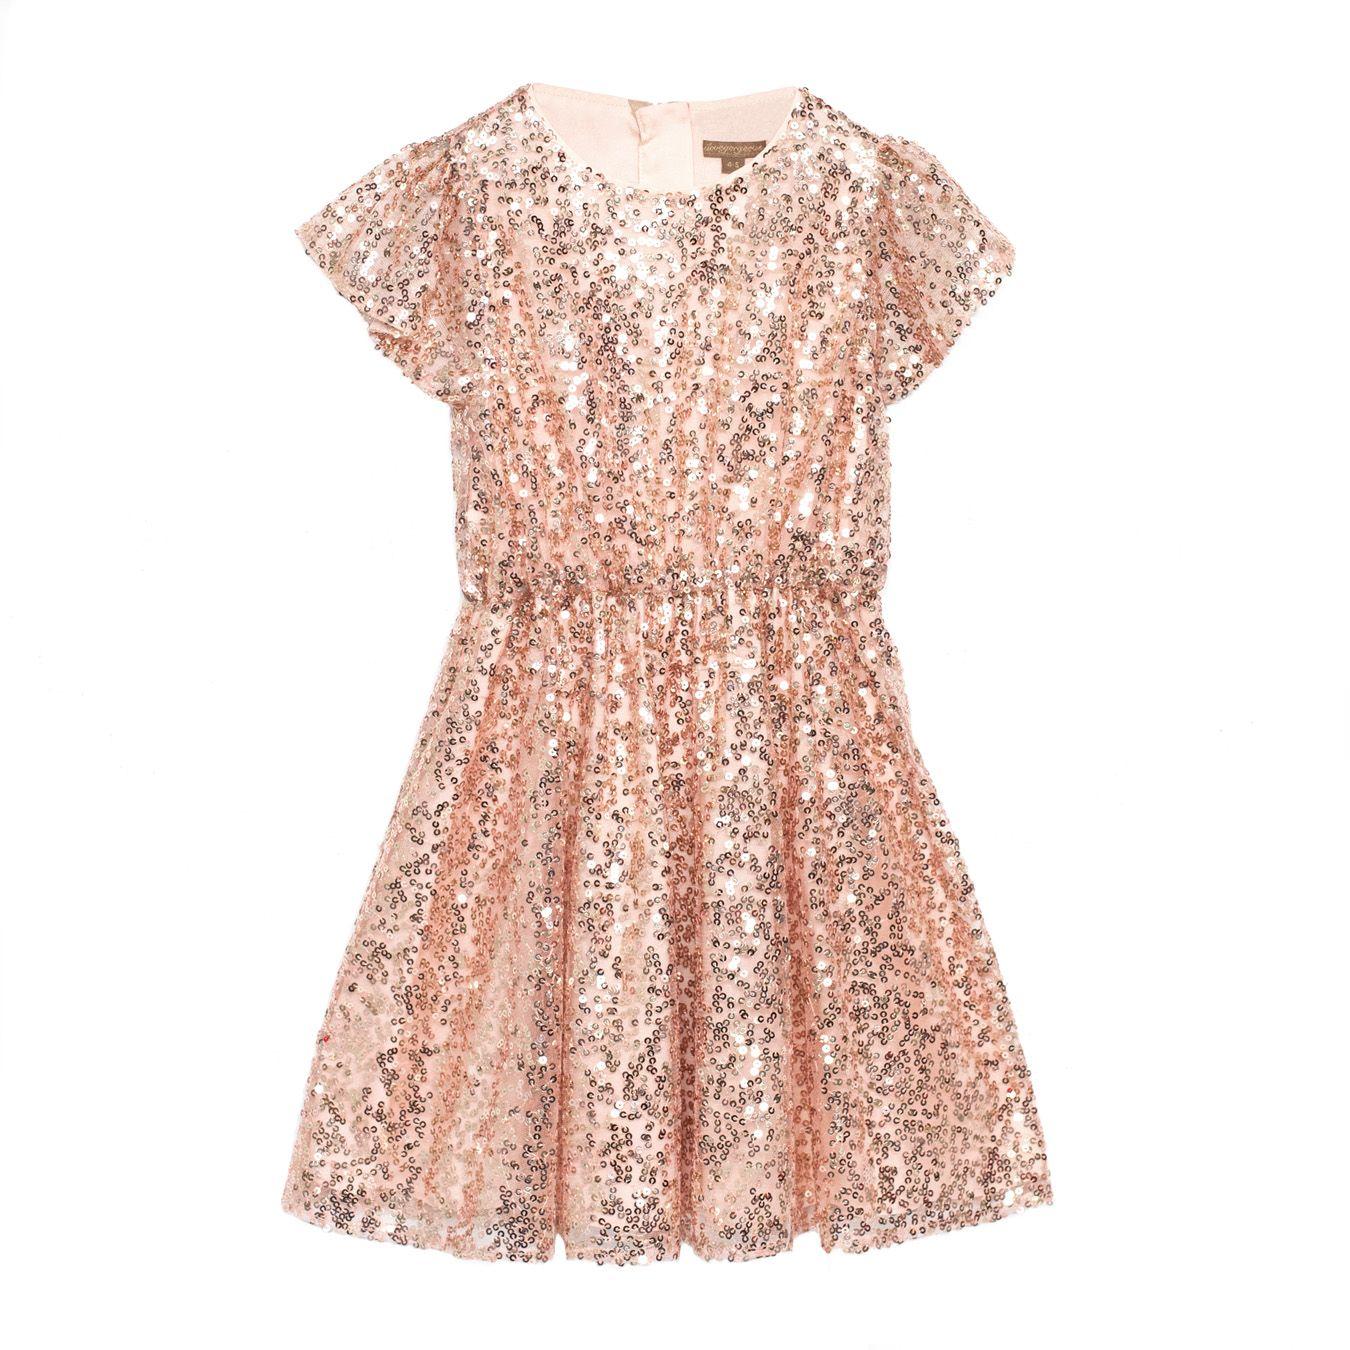 GLISTEN DRESS ROSE GOLD Für Blumenmädchen 🌷 for Flowergirls